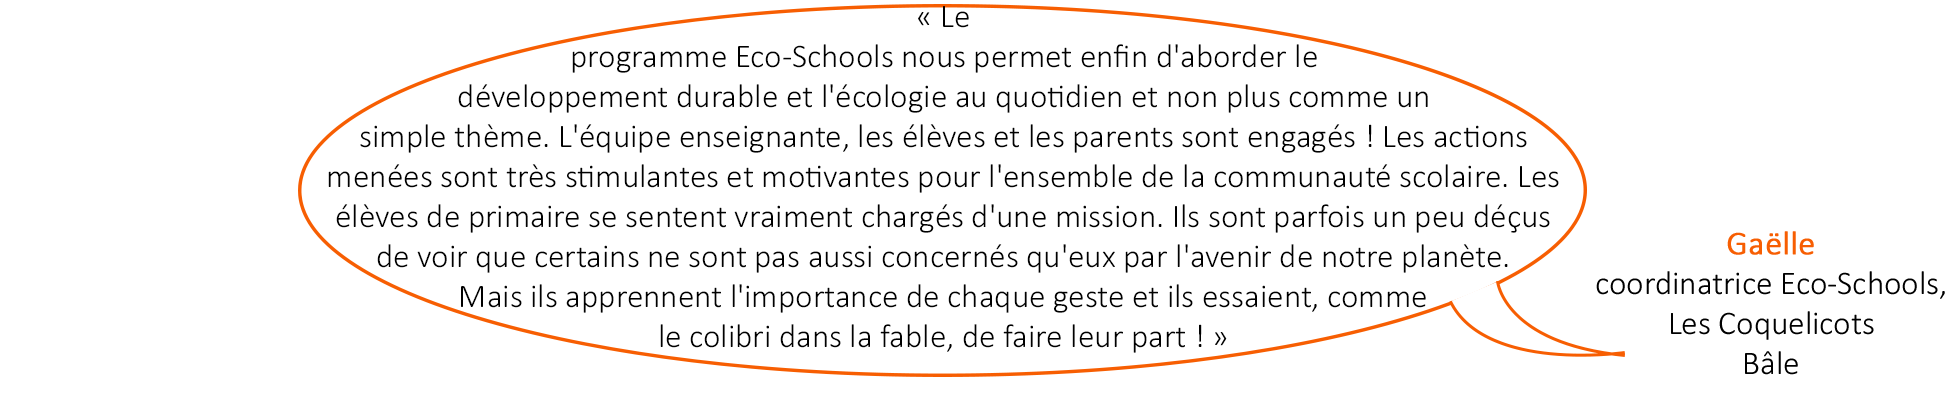 Témoignage à propos du programme Eco-Schools, Ecole des Coquelicots